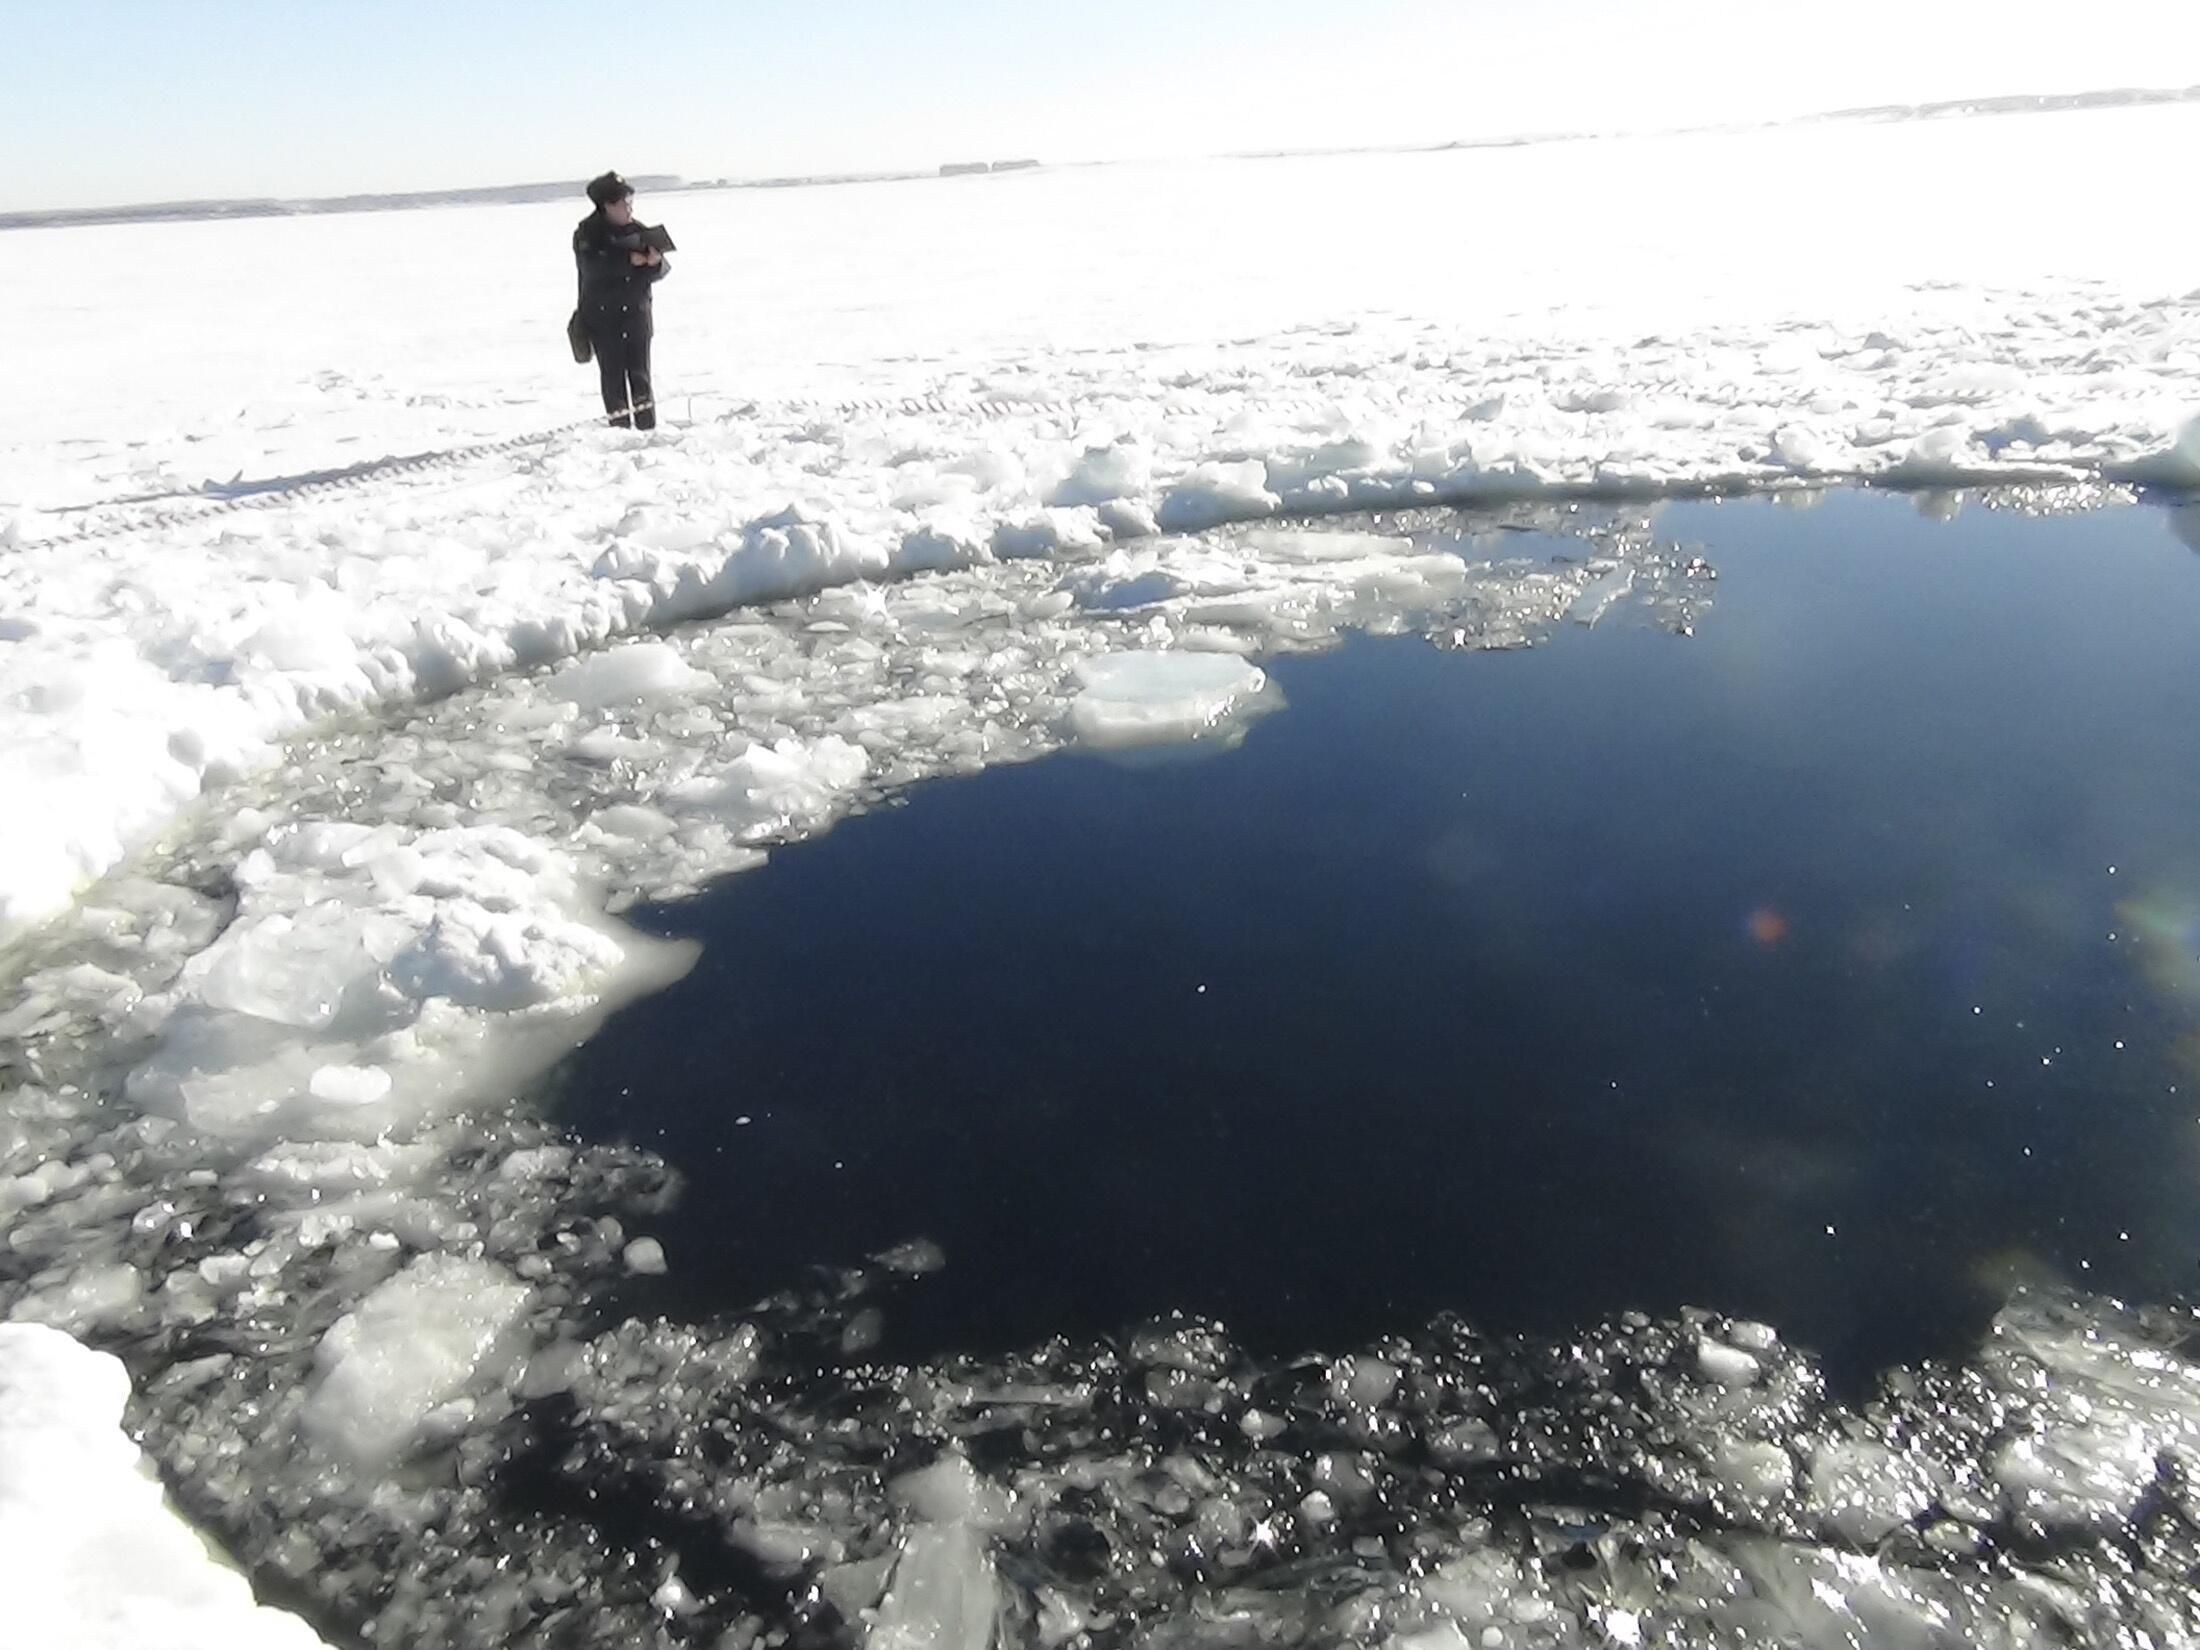 Mưa thiên thạch chạm xuống mặt hồ đóng băng ở  Chelyabinsk 15/02/2013 (REUTERS)